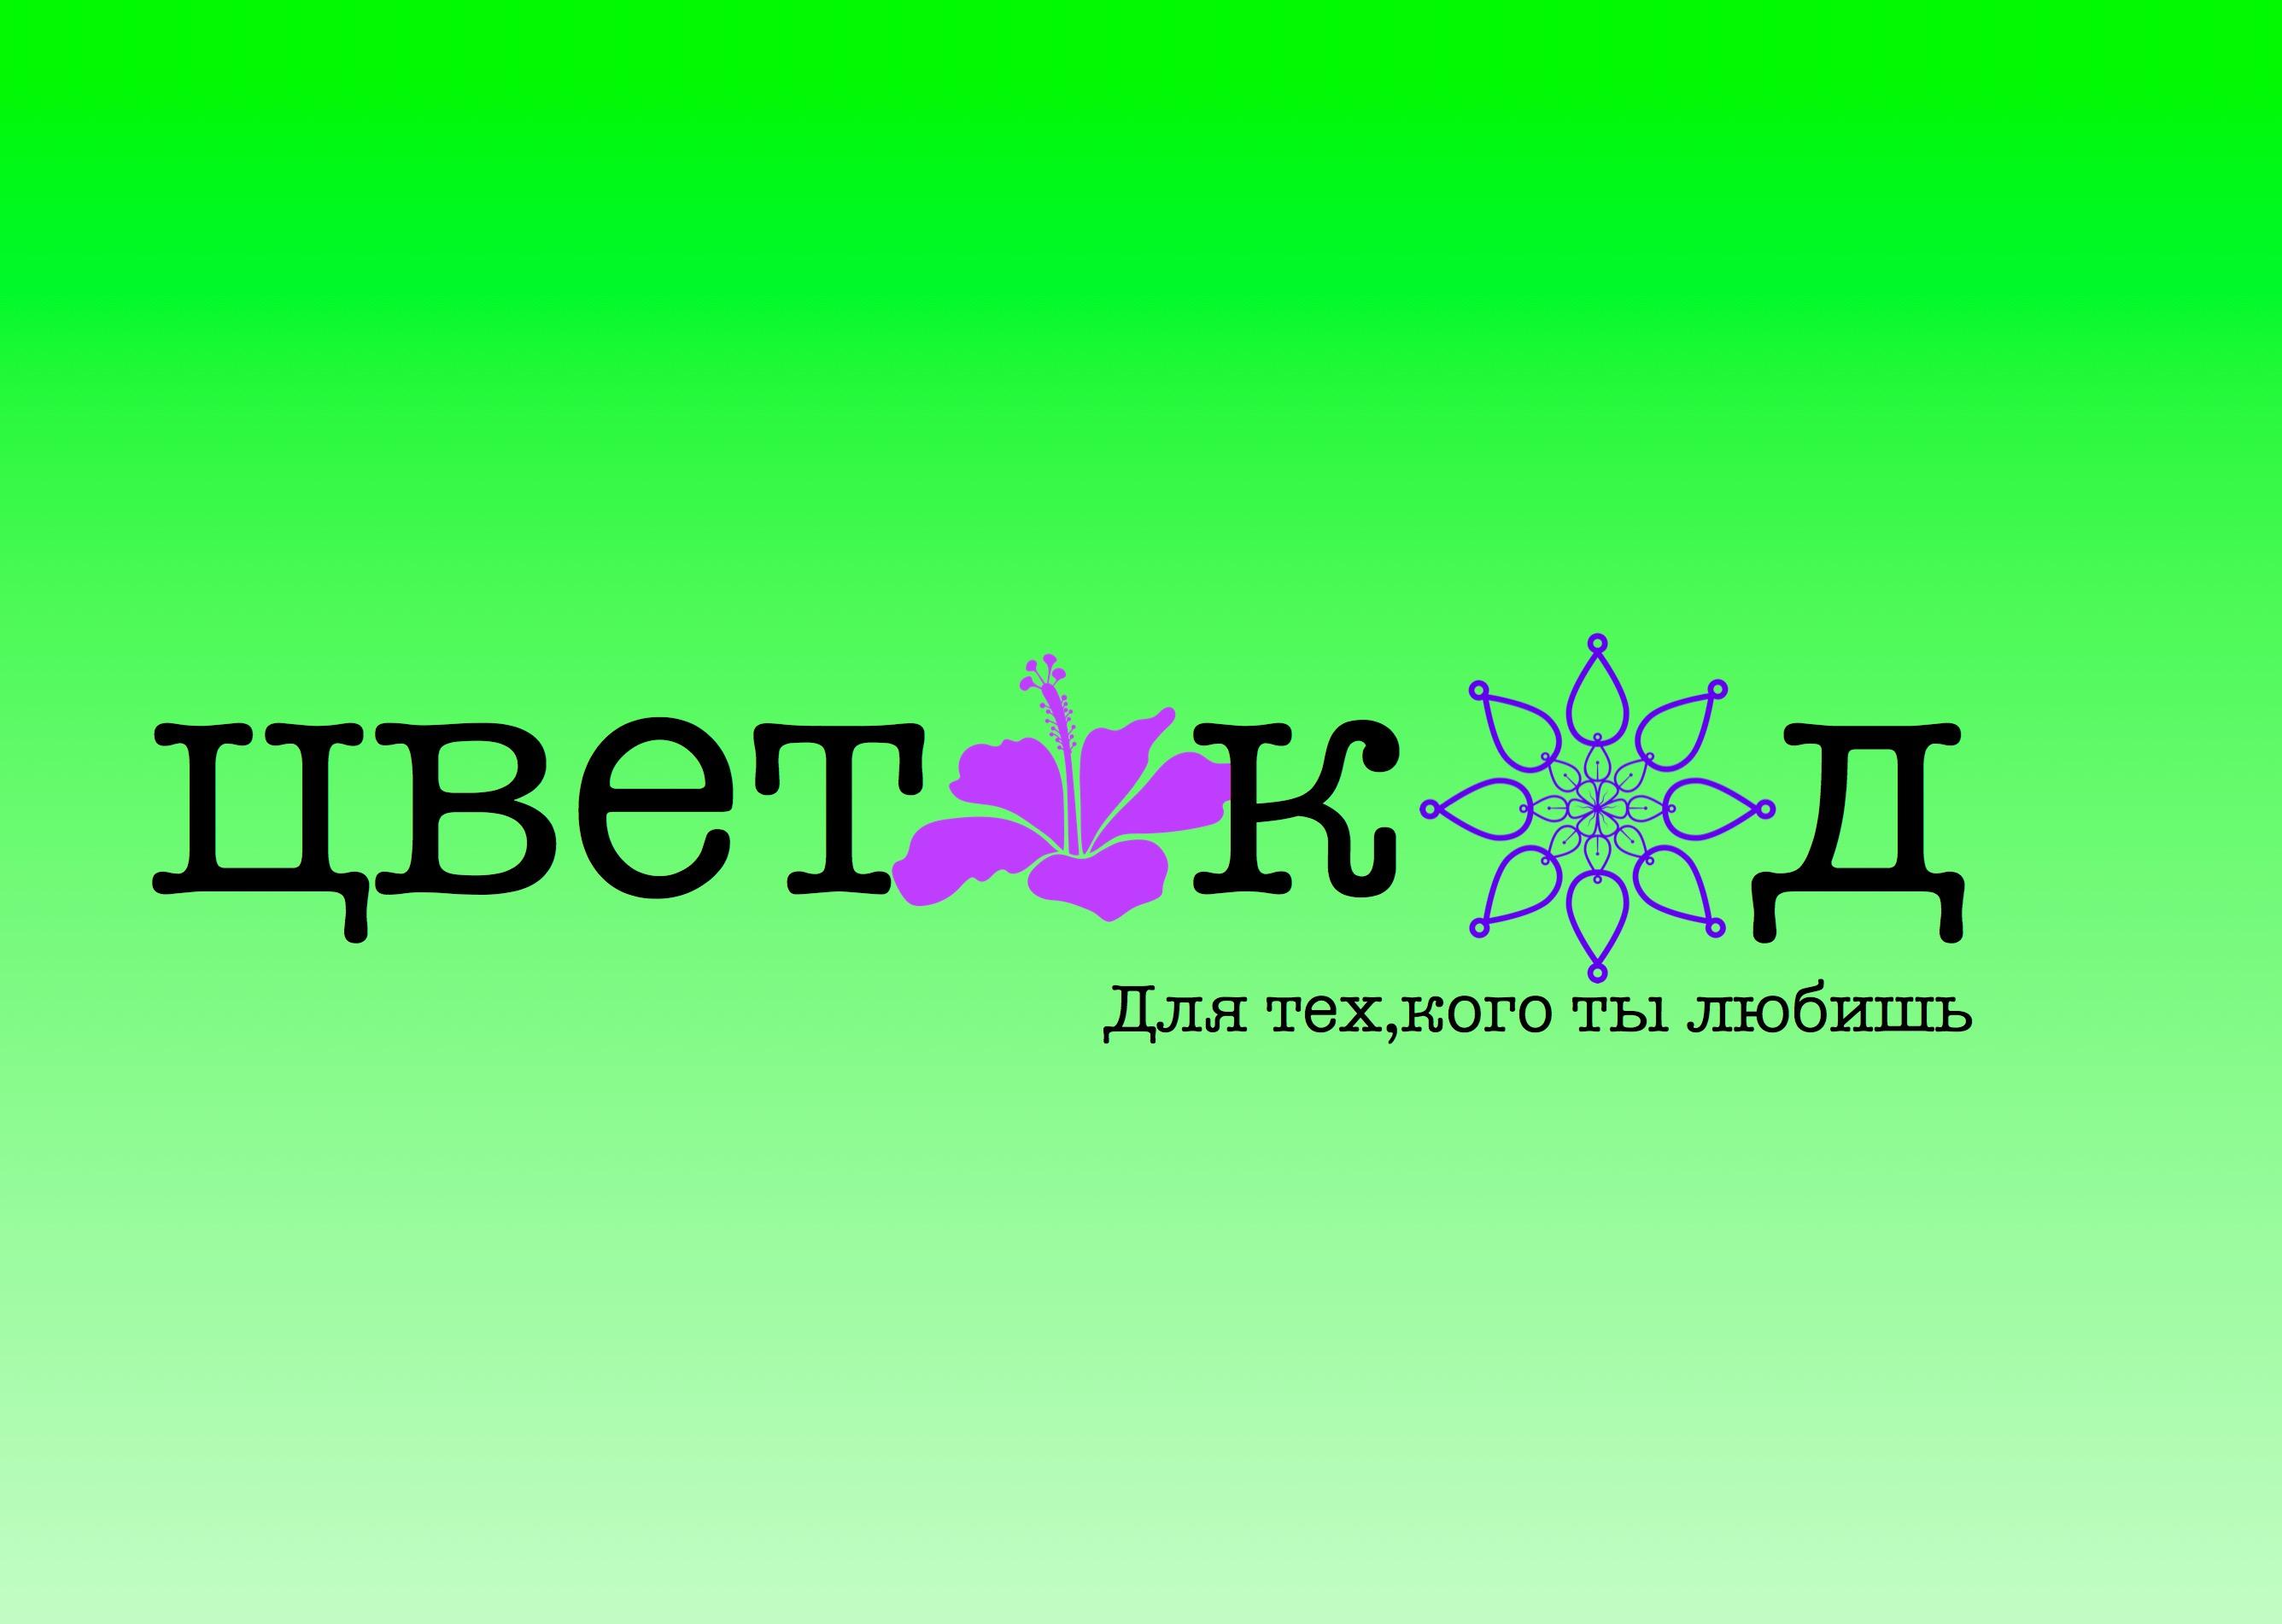 Логотип для ЦВЕТОКОД  фото f_4415d05431ae87d8.jpg